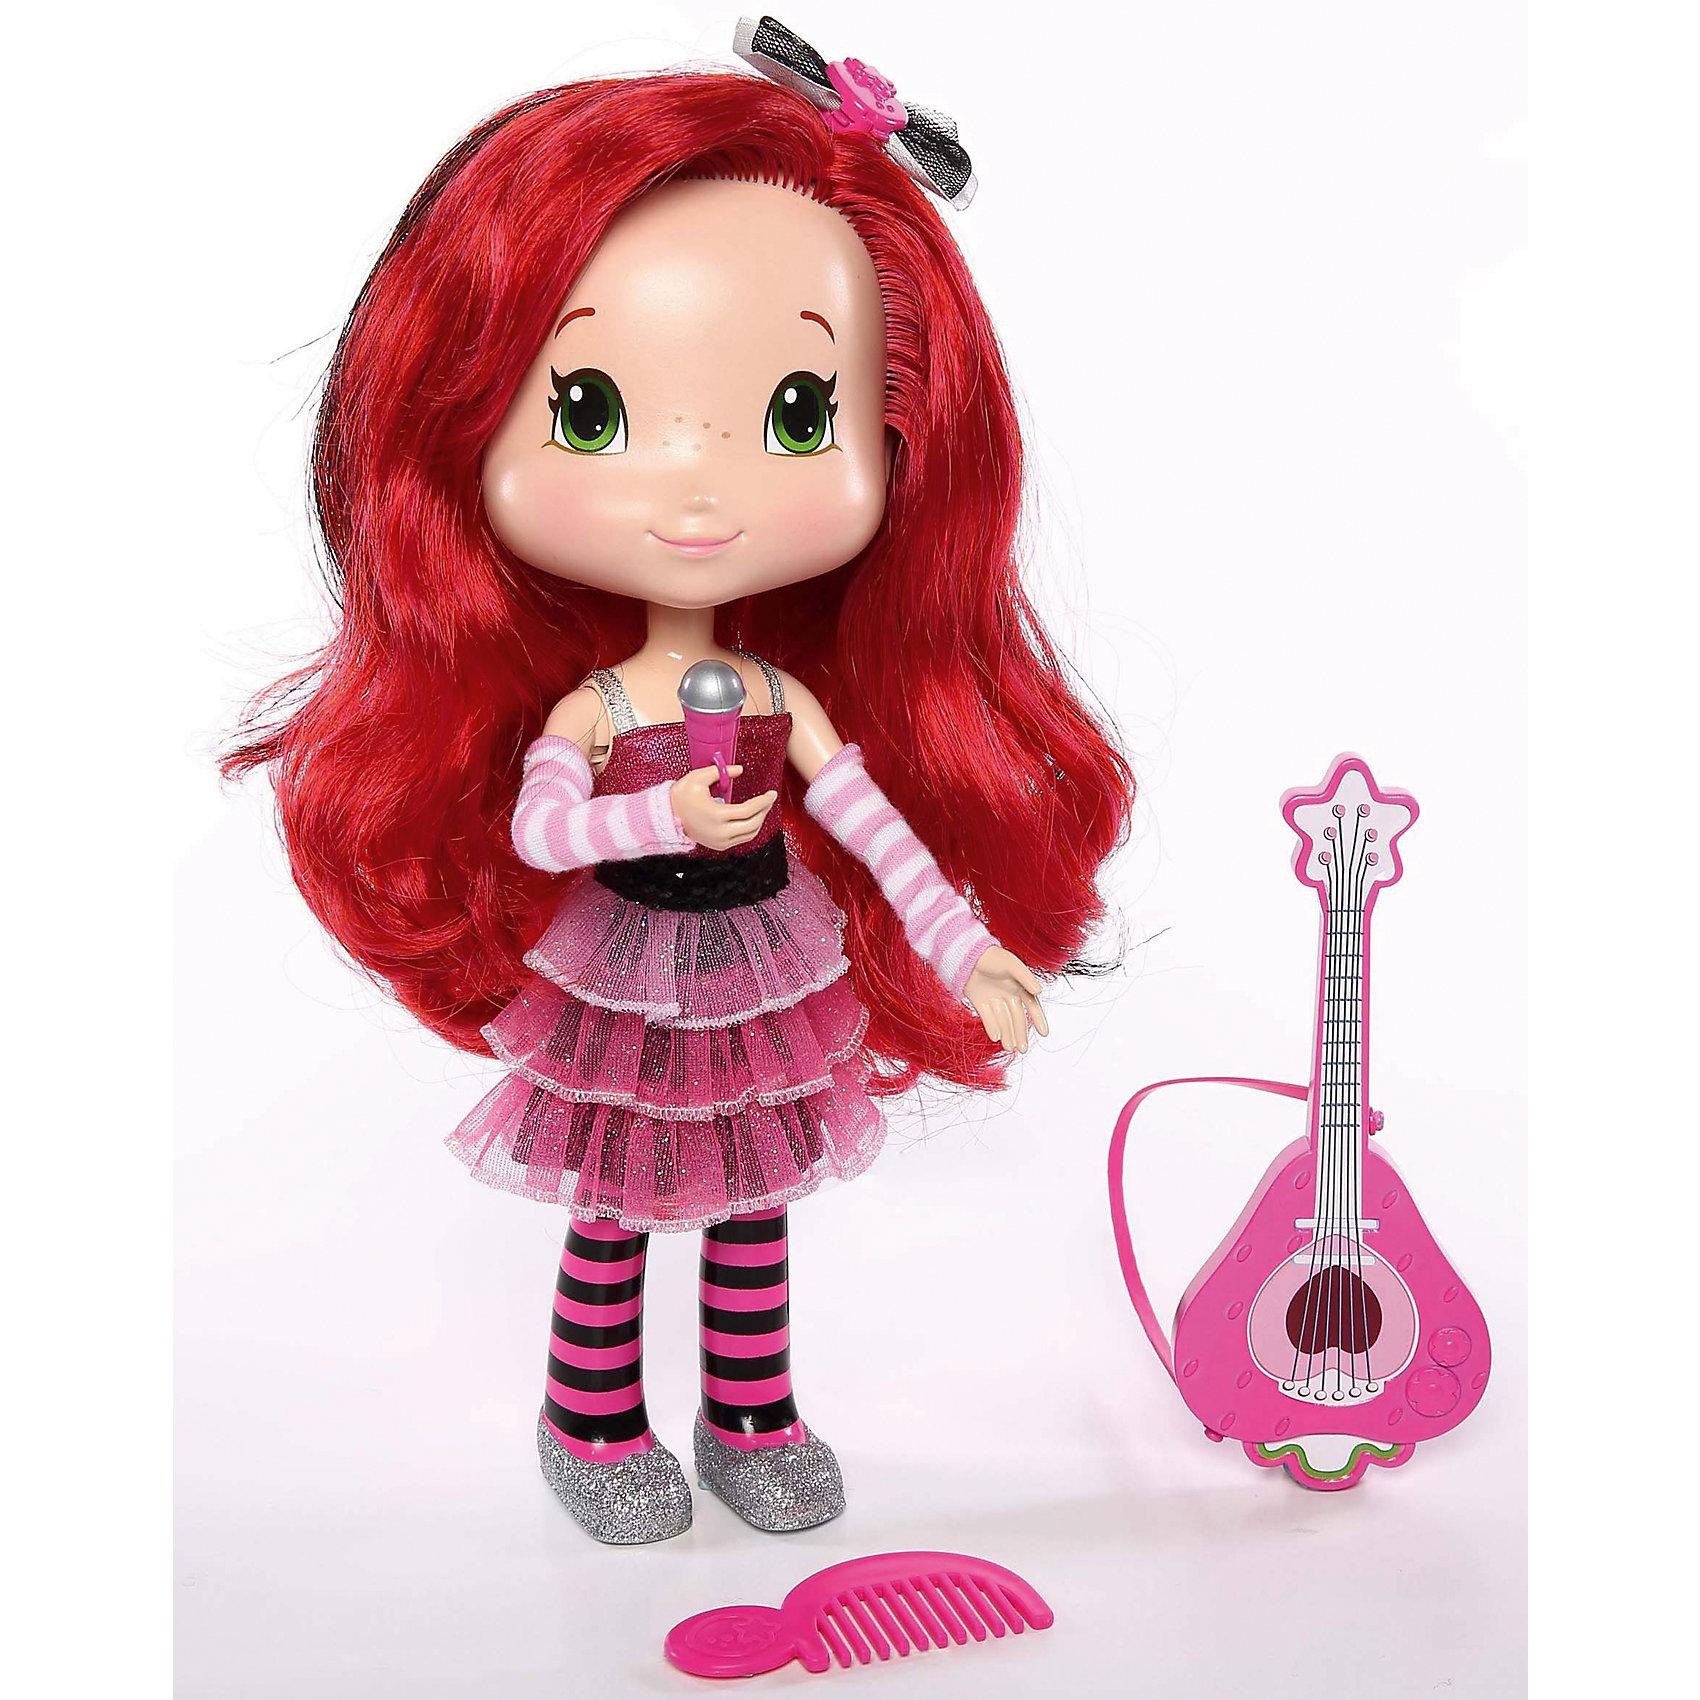 Поющая кукла Земляничка, 28 см, с аксессуарами, The BridgeМилая кукла Земляничка обязательно понравится Вашей девочке! У куколки красивые длинные волосы, из которые можно сделать самые разнообразные прически. А еще, Земляничка может петь и произносить фразы из мультфильма.<br><br>В наборе:  кукла Земляничка, гитара, микрофон, расческа, бантик для волос и пропуск на шоу.<br><br>Дополнительная информация:<br><br>- Возраст: от 3 лет.<br>- Материал: пластик, текстиль.<br>- 3 батарейки (входят в комплект).<br>- Размер куклы: 28 см.<br>- Размер упаковки: 33x28x9  см.<br><br>Купить поющую куклу Земляничка с аксессуарами, можно в нашем магазине.<br><br>Ширина мм: 285<br>Глубина мм: 90<br>Высота мм: 330<br>Вес г: 803<br>Возраст от месяцев: 36<br>Возраст до месяцев: 120<br>Пол: Женский<br>Возраст: Детский<br>SKU: 4929084